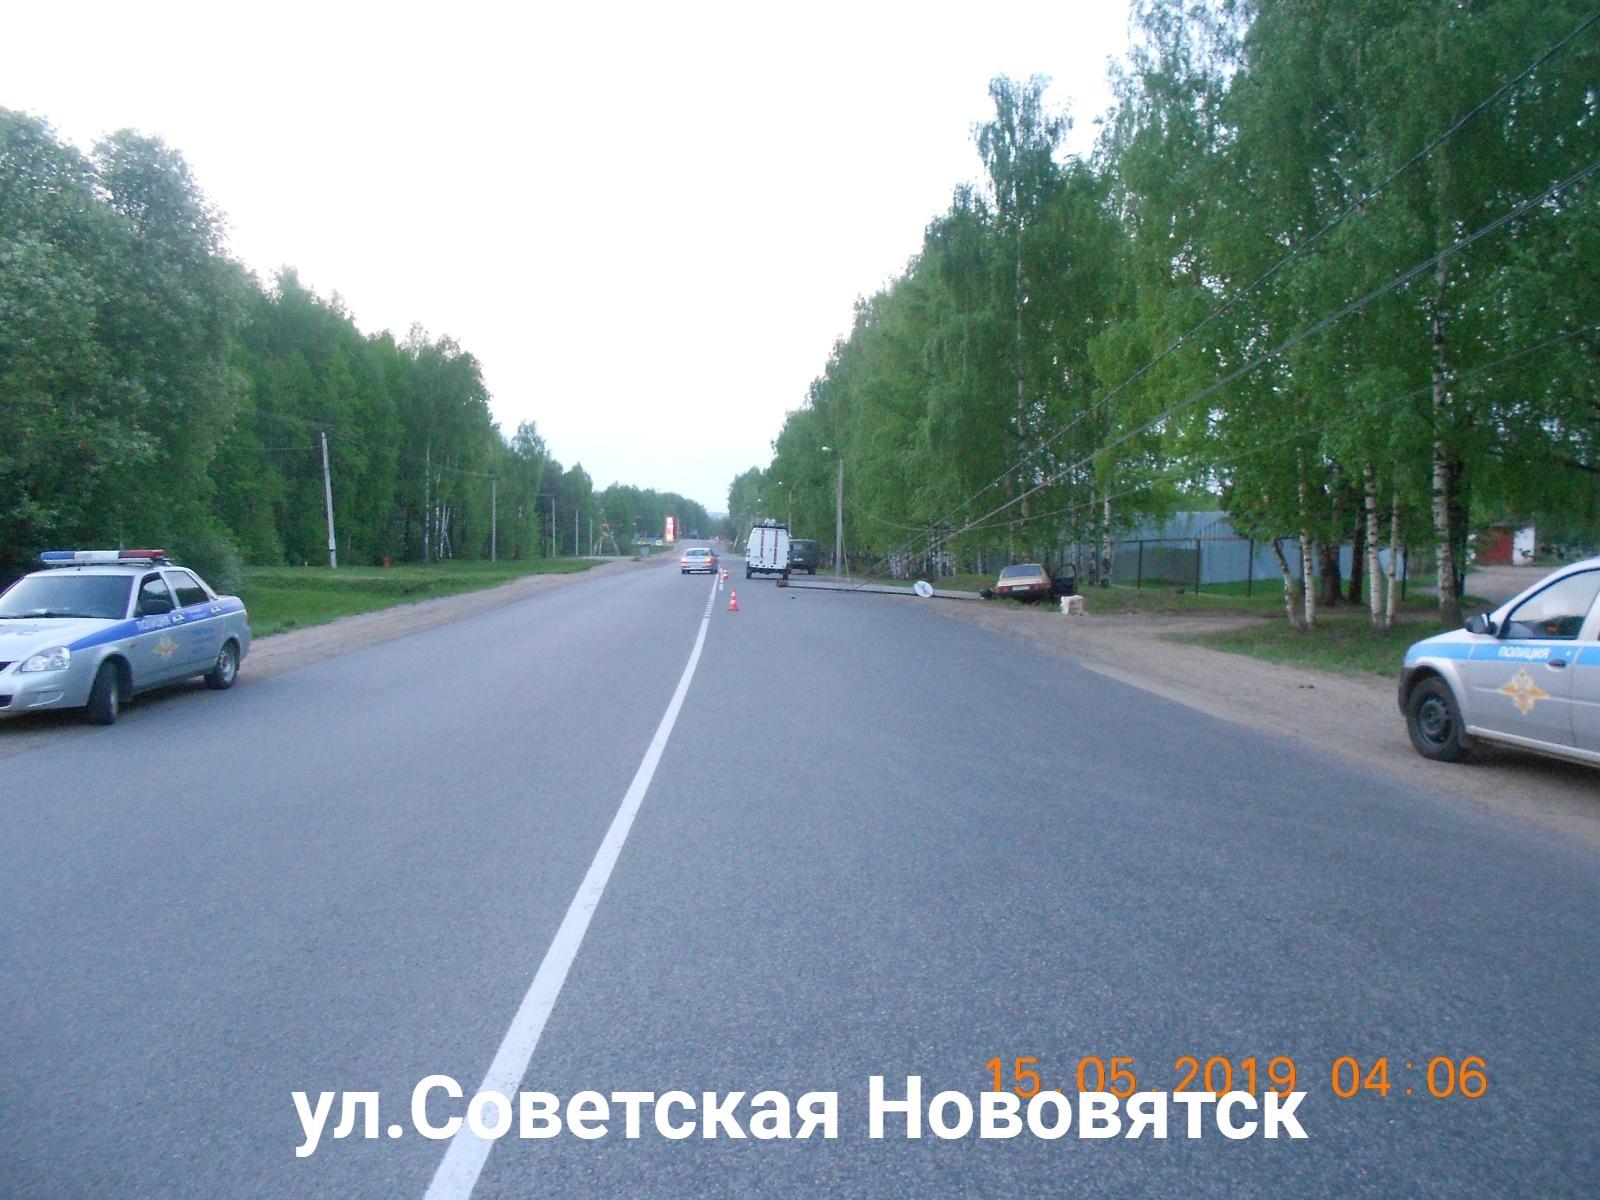 В Нововятске ВАЗ врезался в столб: водитель погиб